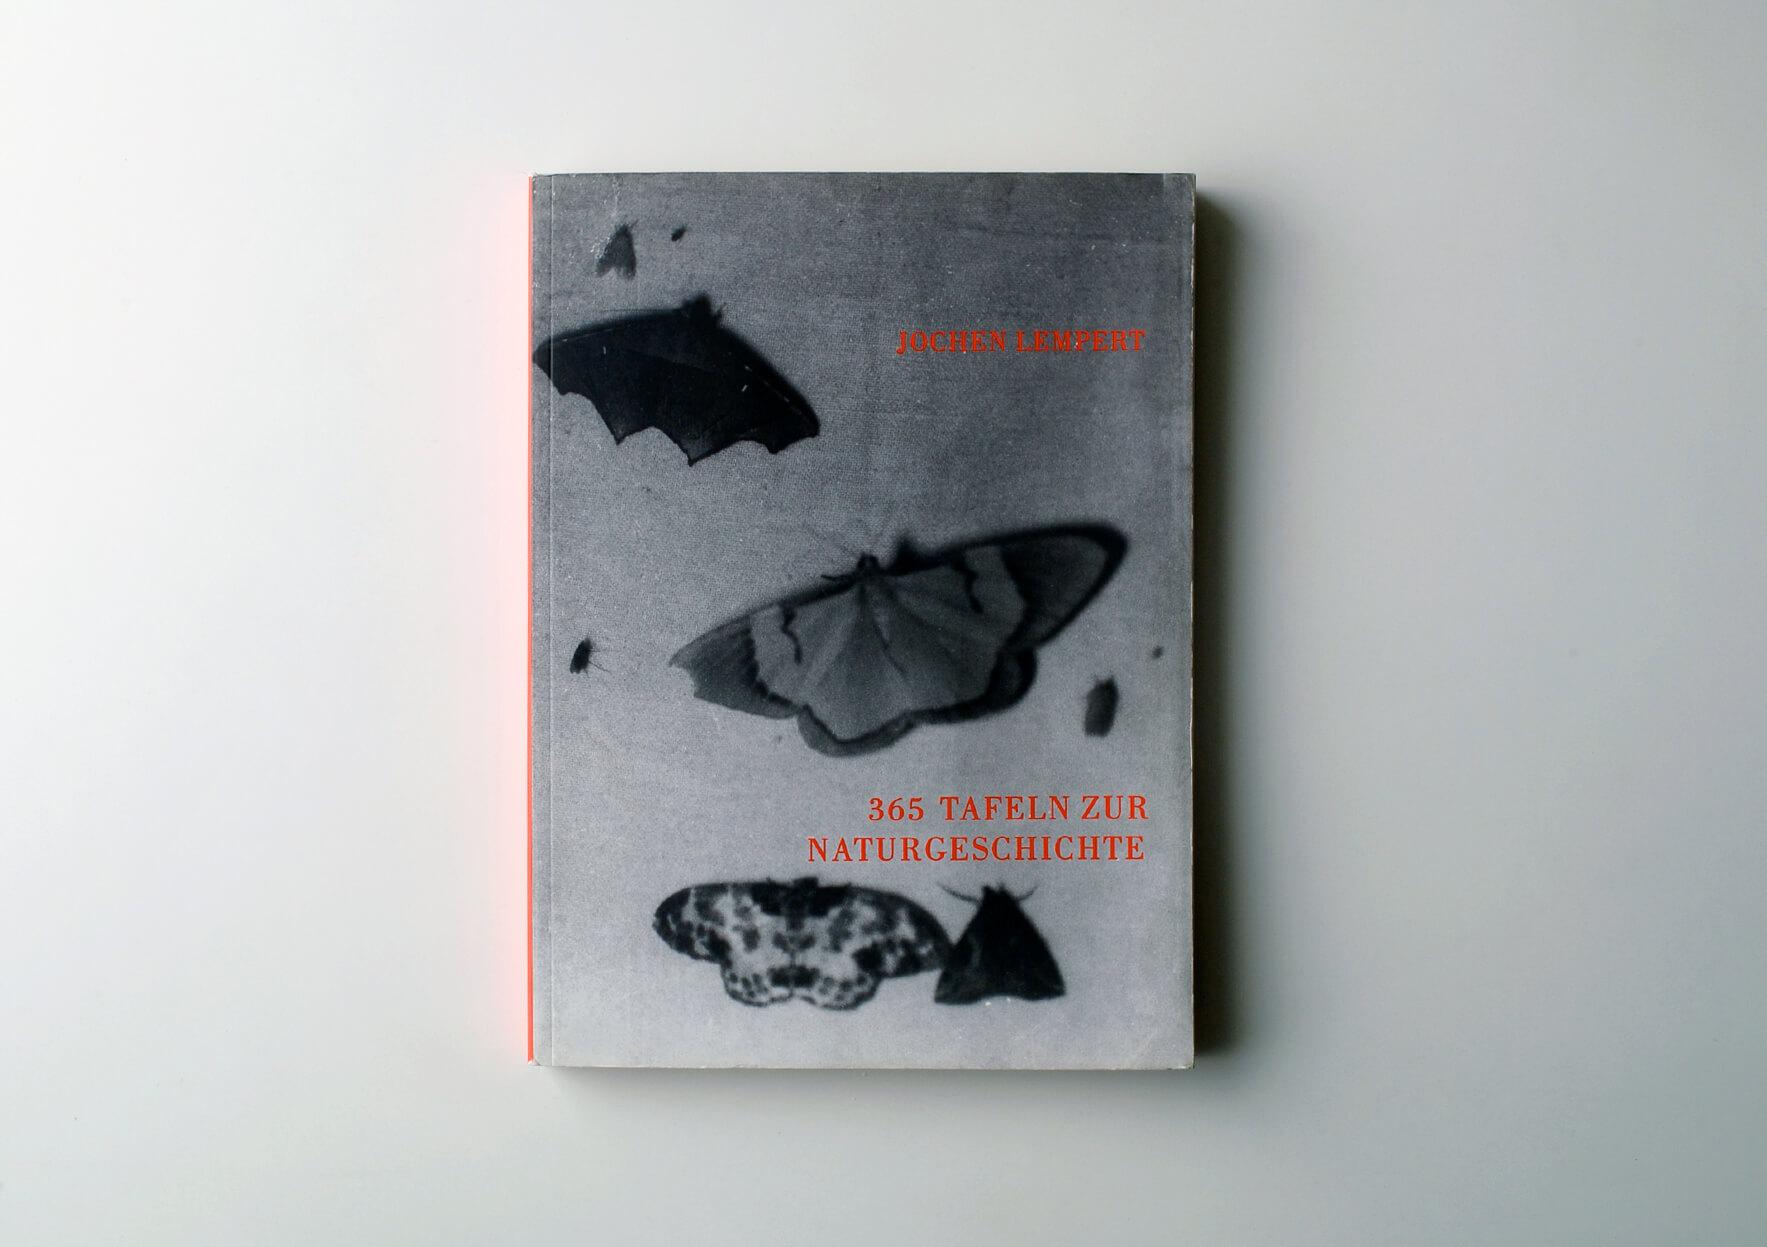 | 365 Tafeln zur Naturgeschichte | ProjecteSD